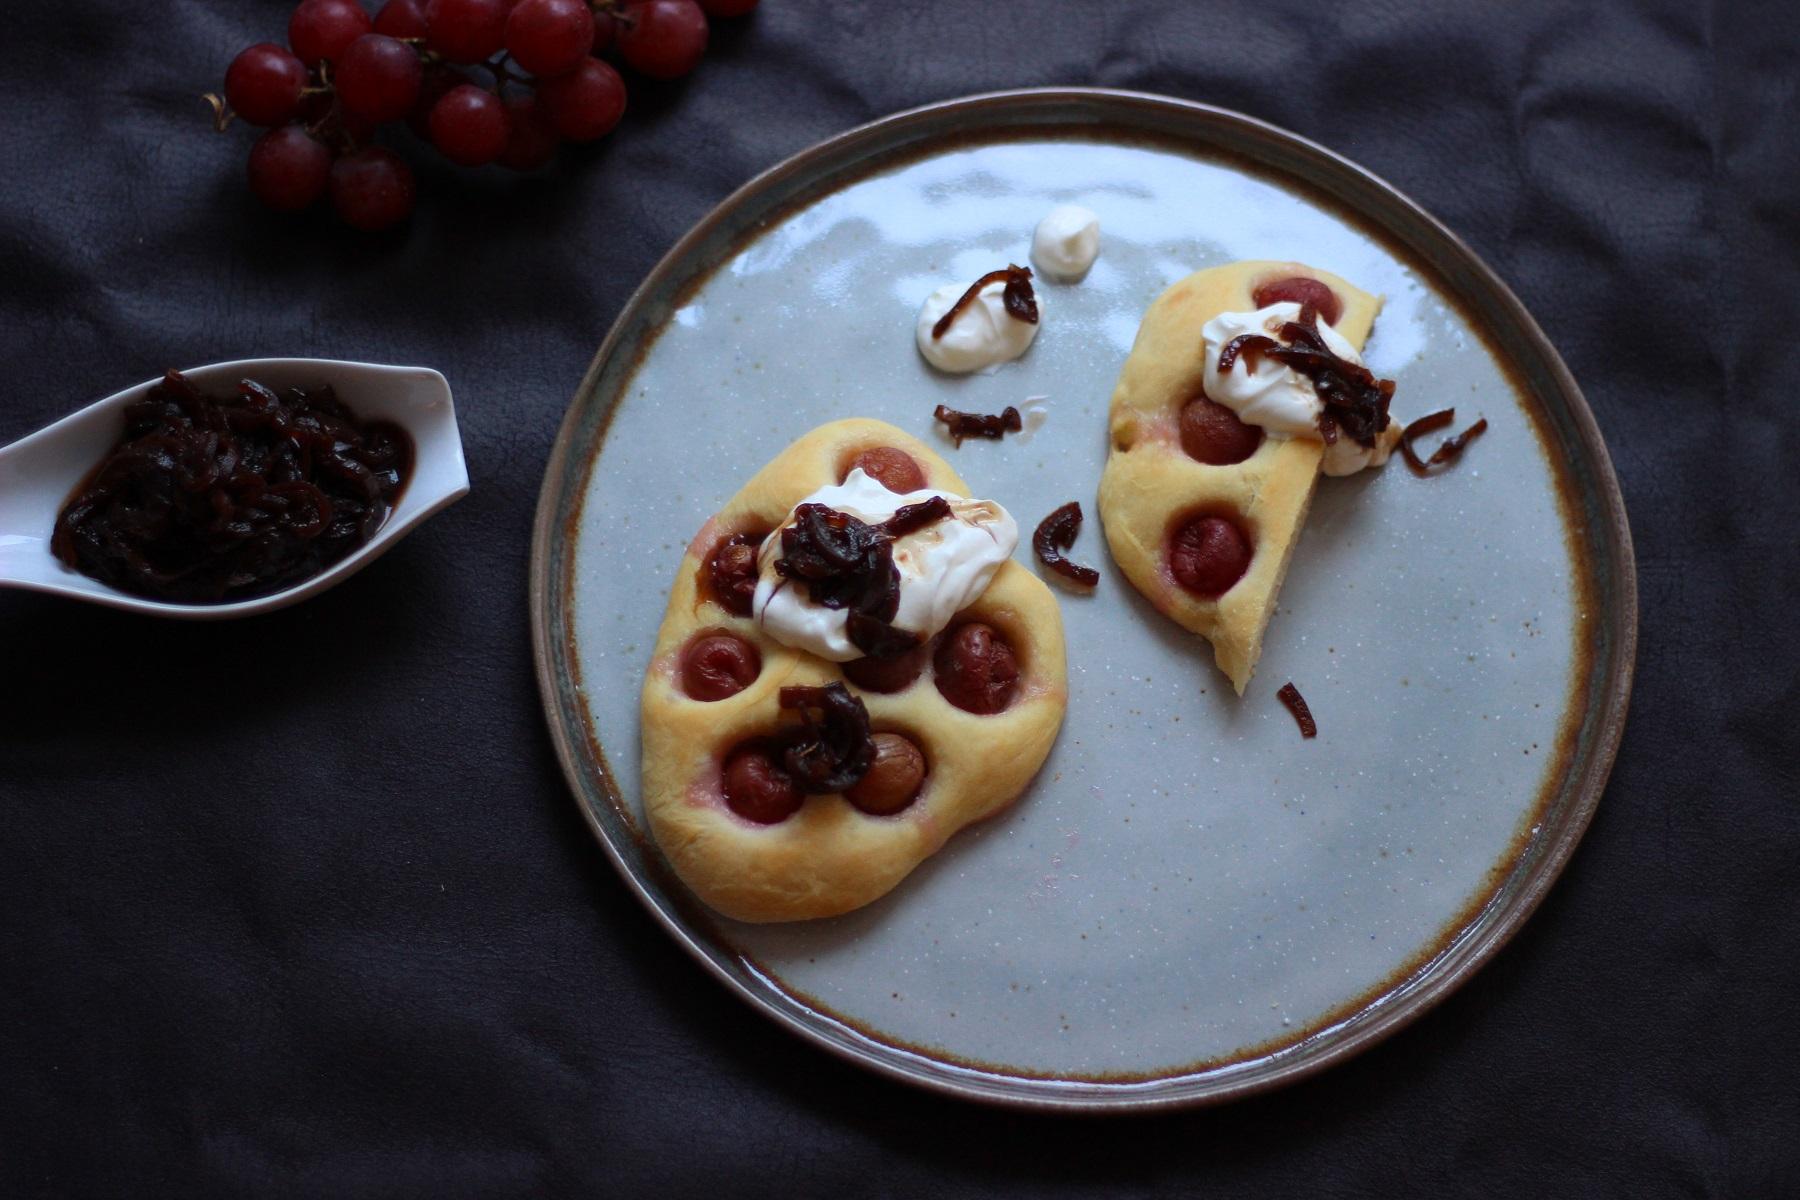 Herzhafte Winzer-Fladen mit Trauben, weißem Käs und rotem Zwiebelconfit